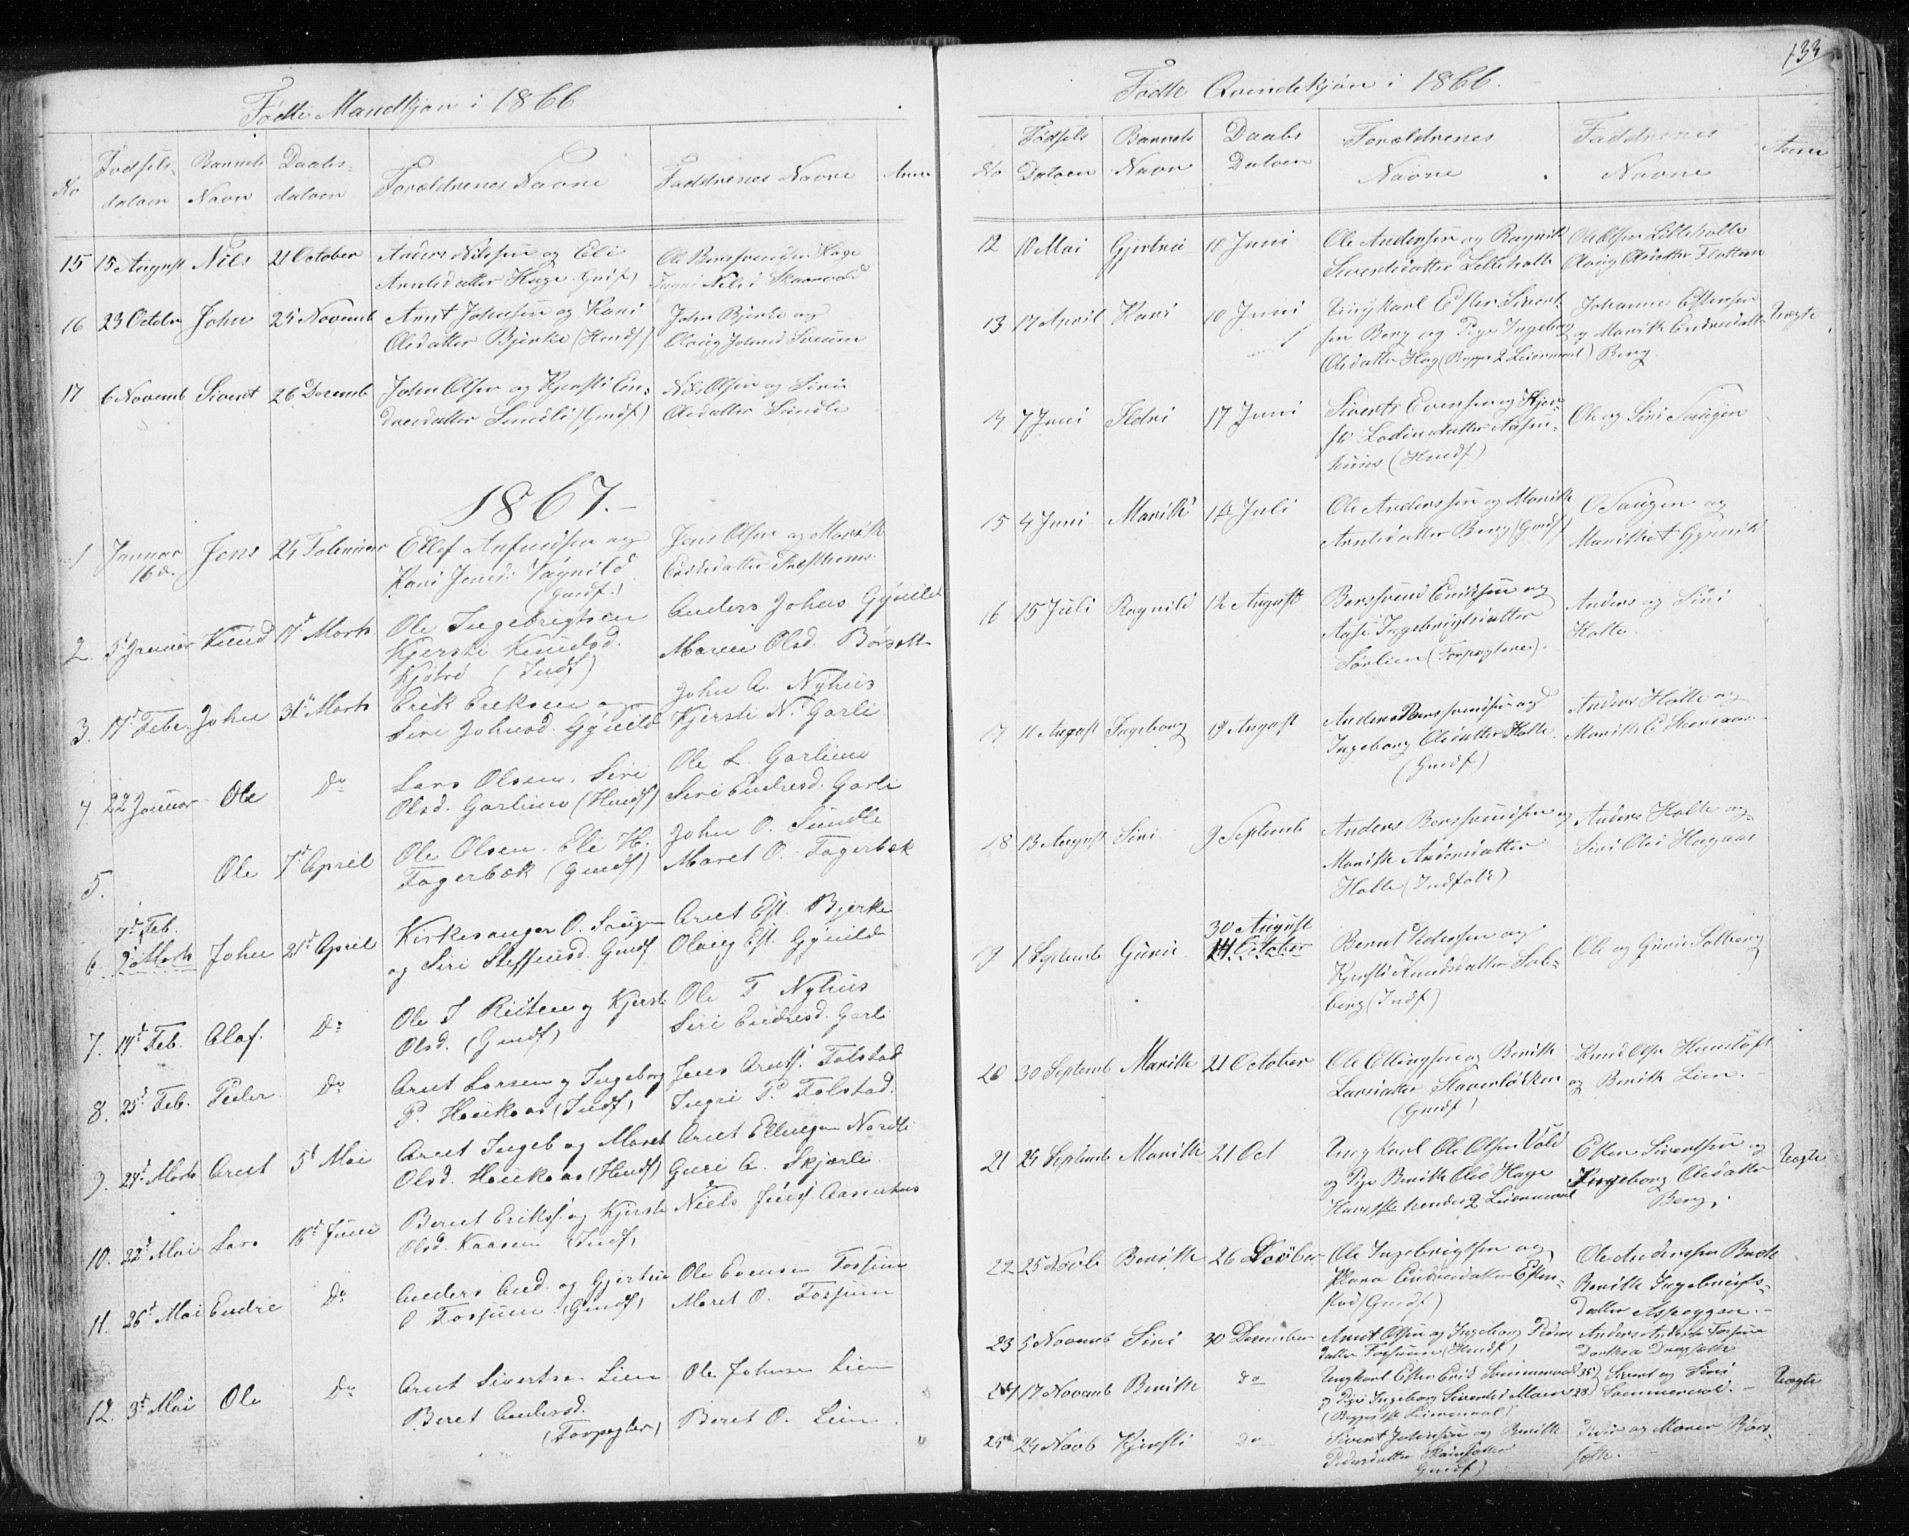 SAT, Ministerialprotokoller, klokkerbøker og fødselsregistre - Sør-Trøndelag, 689/L1043: Klokkerbok nr. 689C02, 1816-1892, s. 133